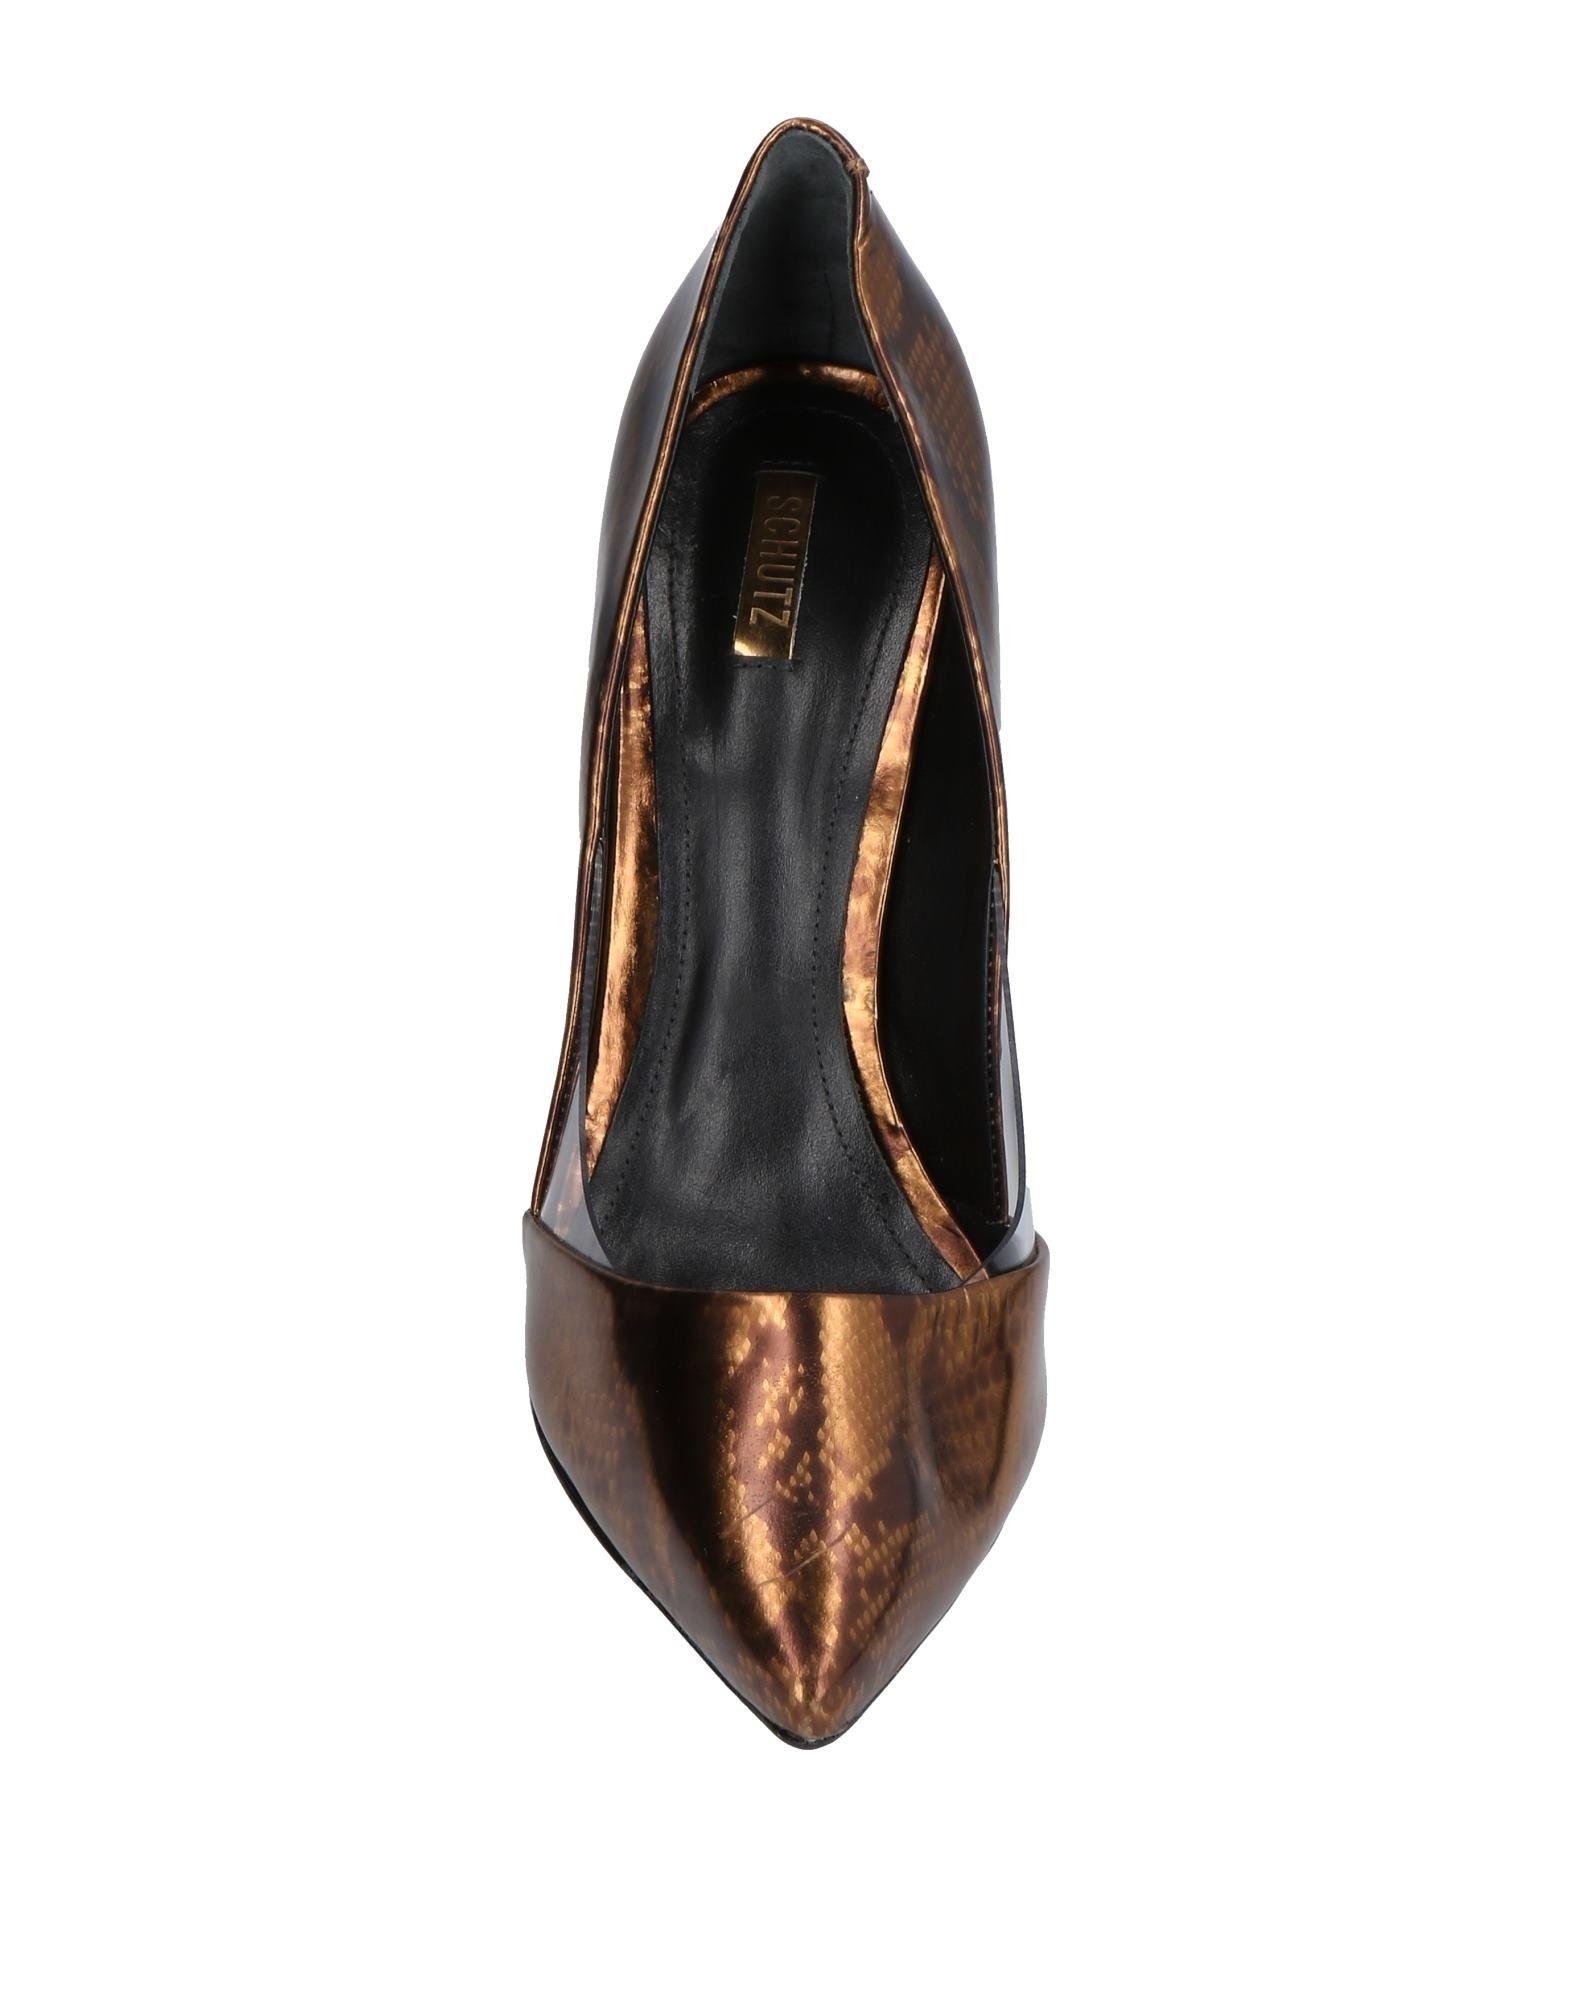 Schutz 11475829MF Pumps Damen  11475829MF Schutz Gute Qualität beliebte Schuhe f6744c